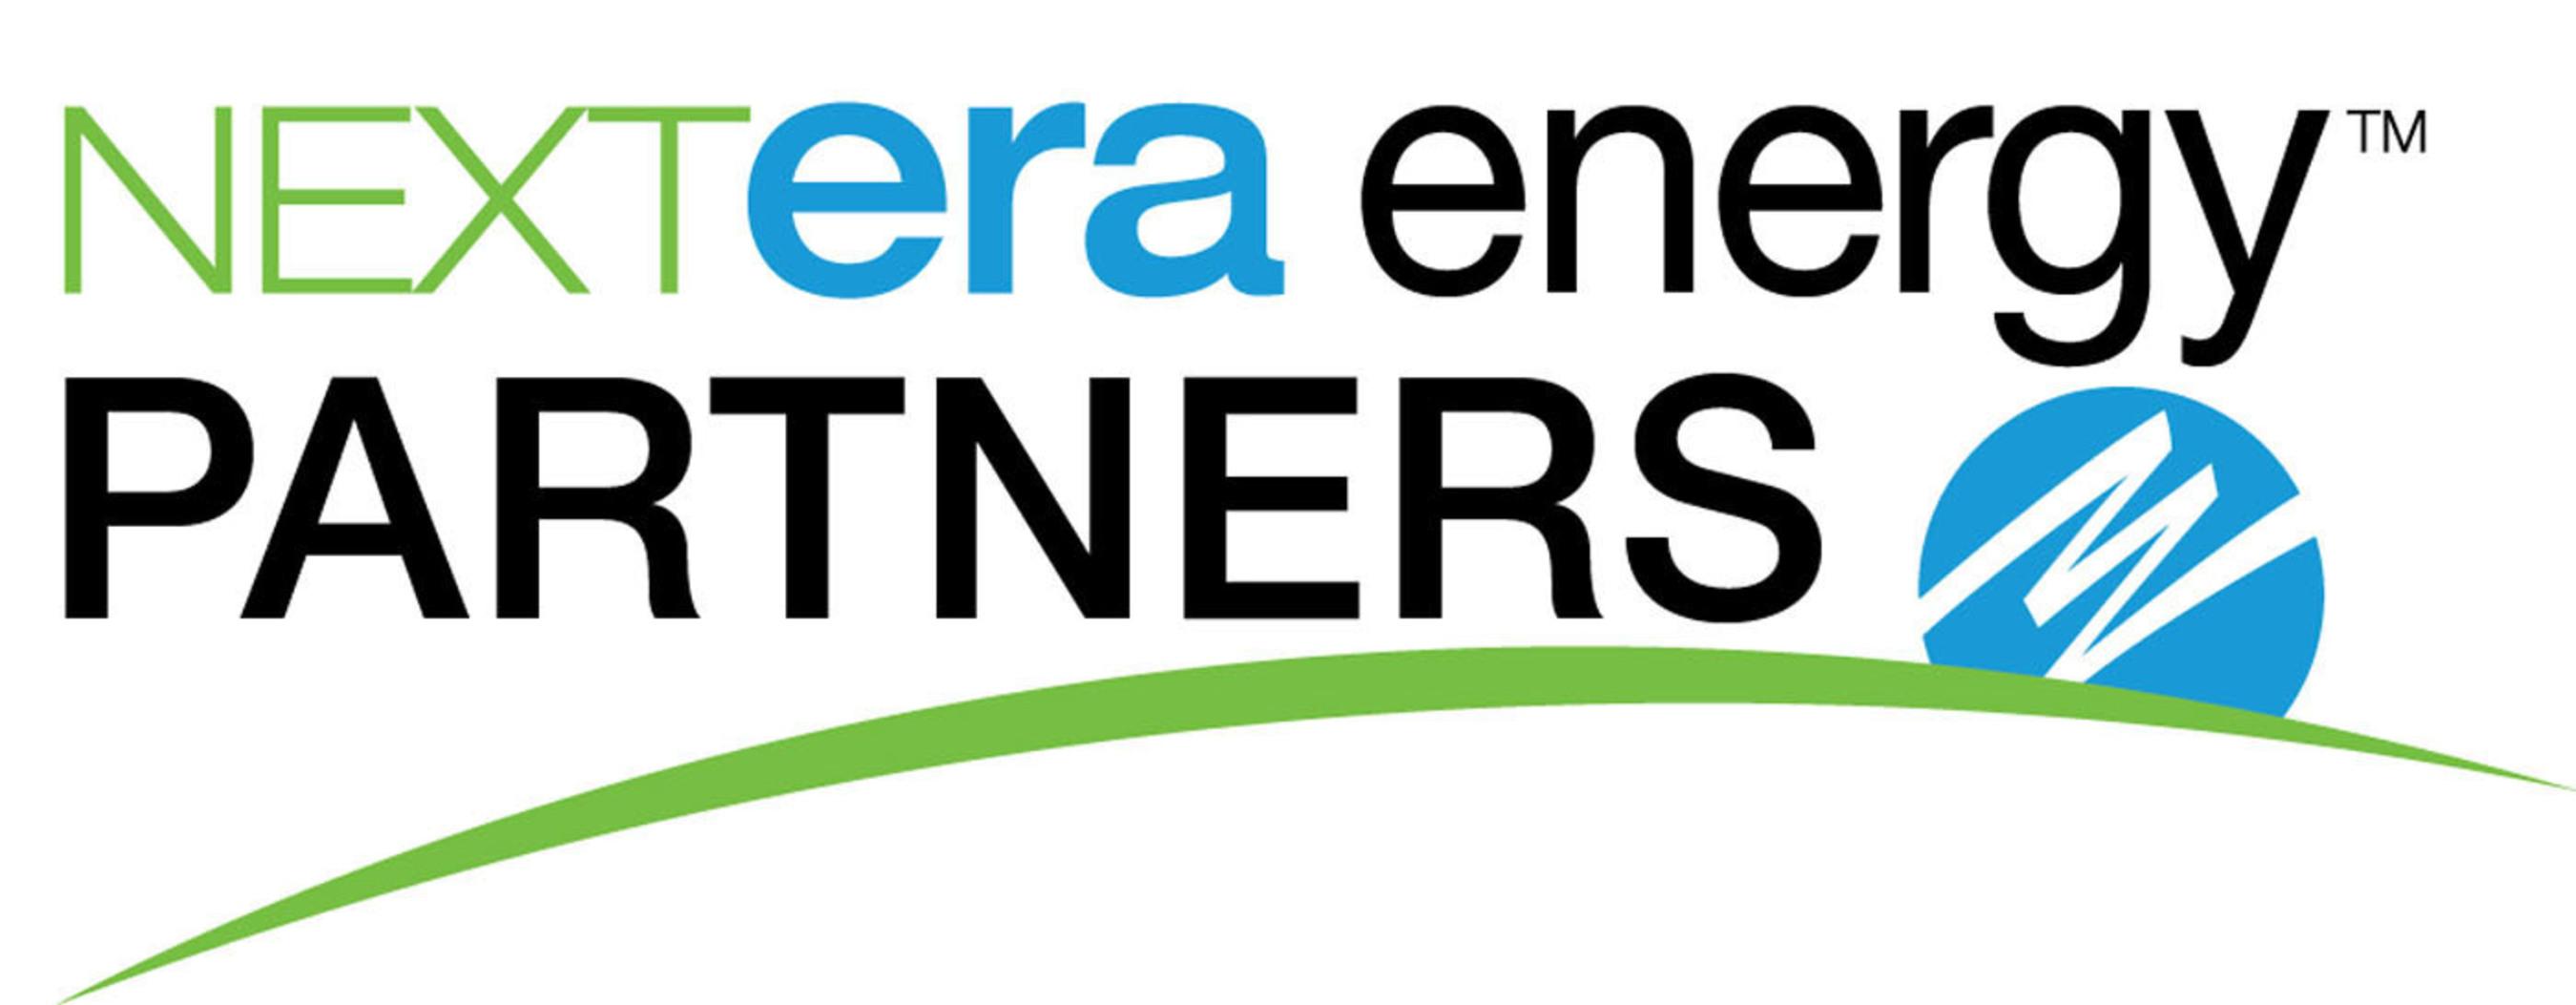 NextEra Energy Partners, LP